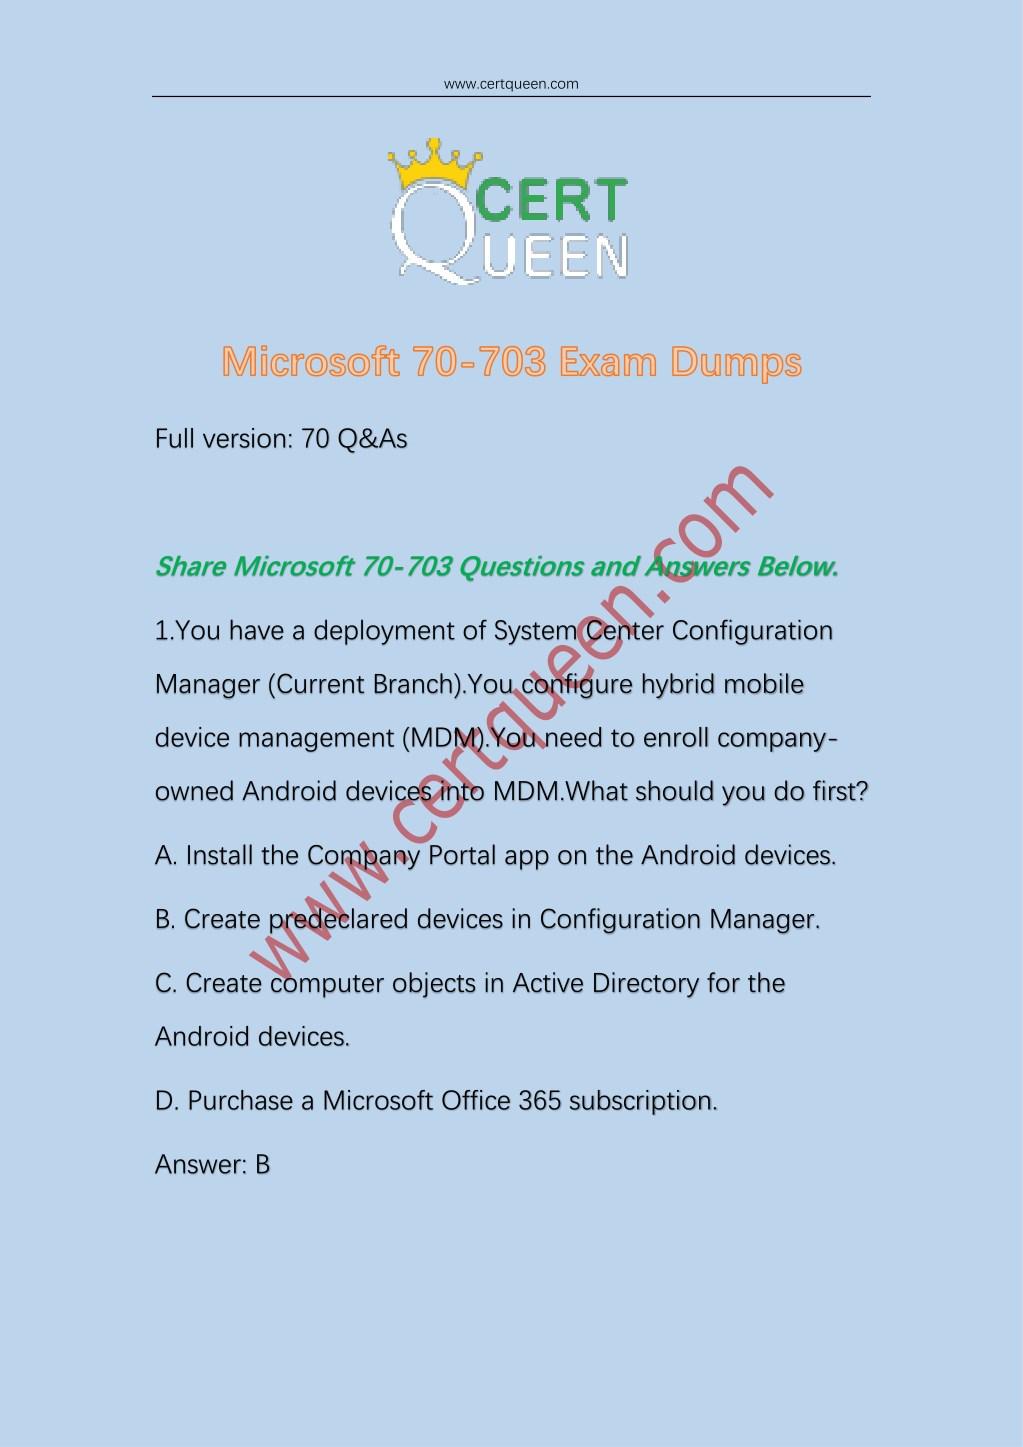 Ppt 2018 Certqueen Microsoft Sccm 70 703 Exam Dumps Powerpoint